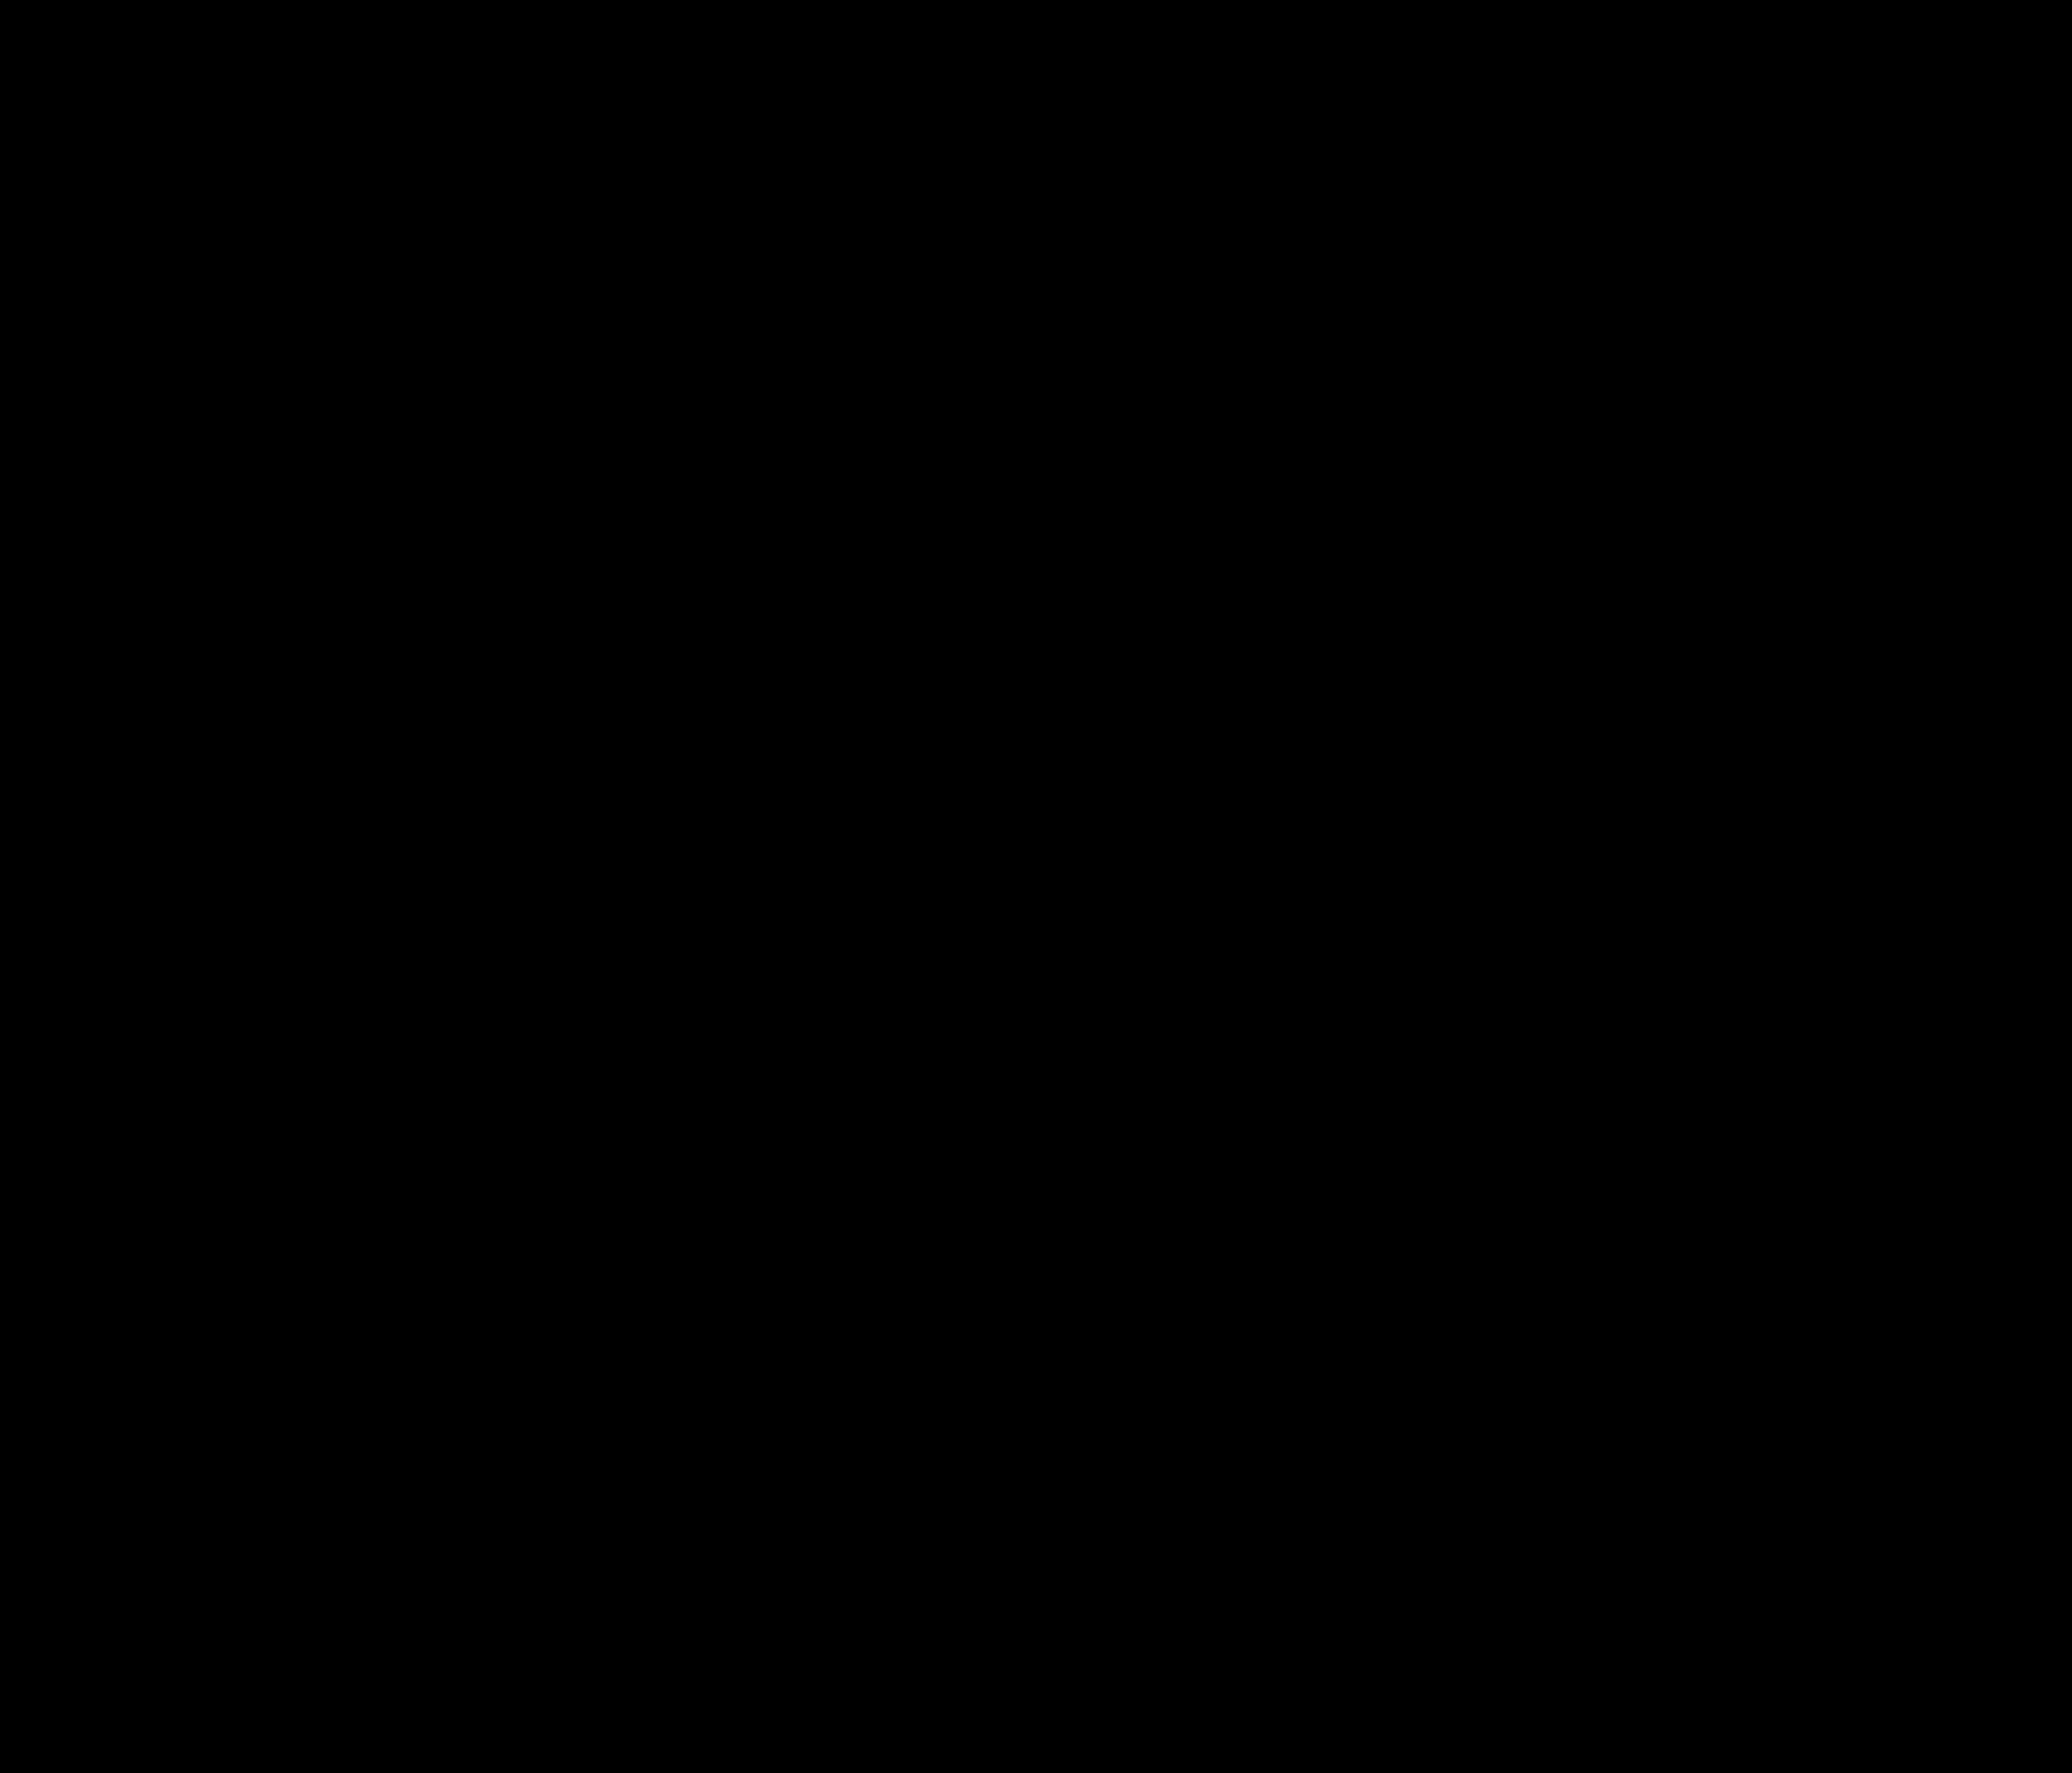 Cette image représente différents professionnels portant leur uniforme de travail.